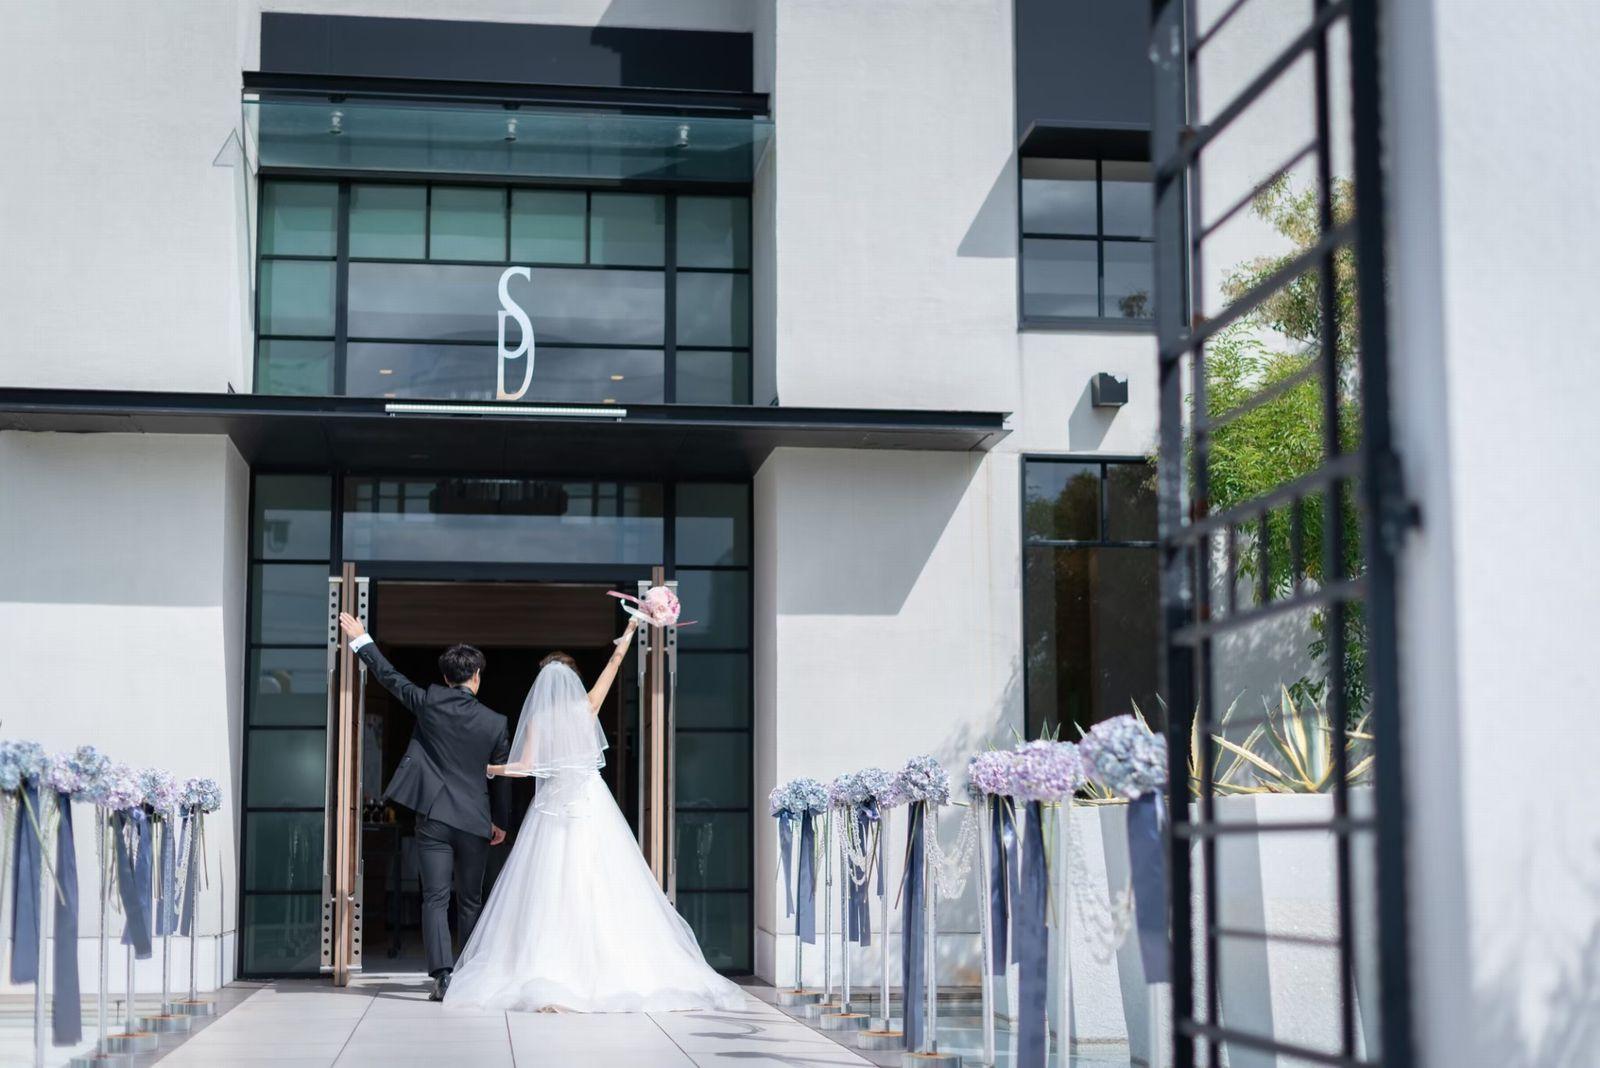 香川県の結婚式場シェルエメール&アイスタイル アイスタイル外観